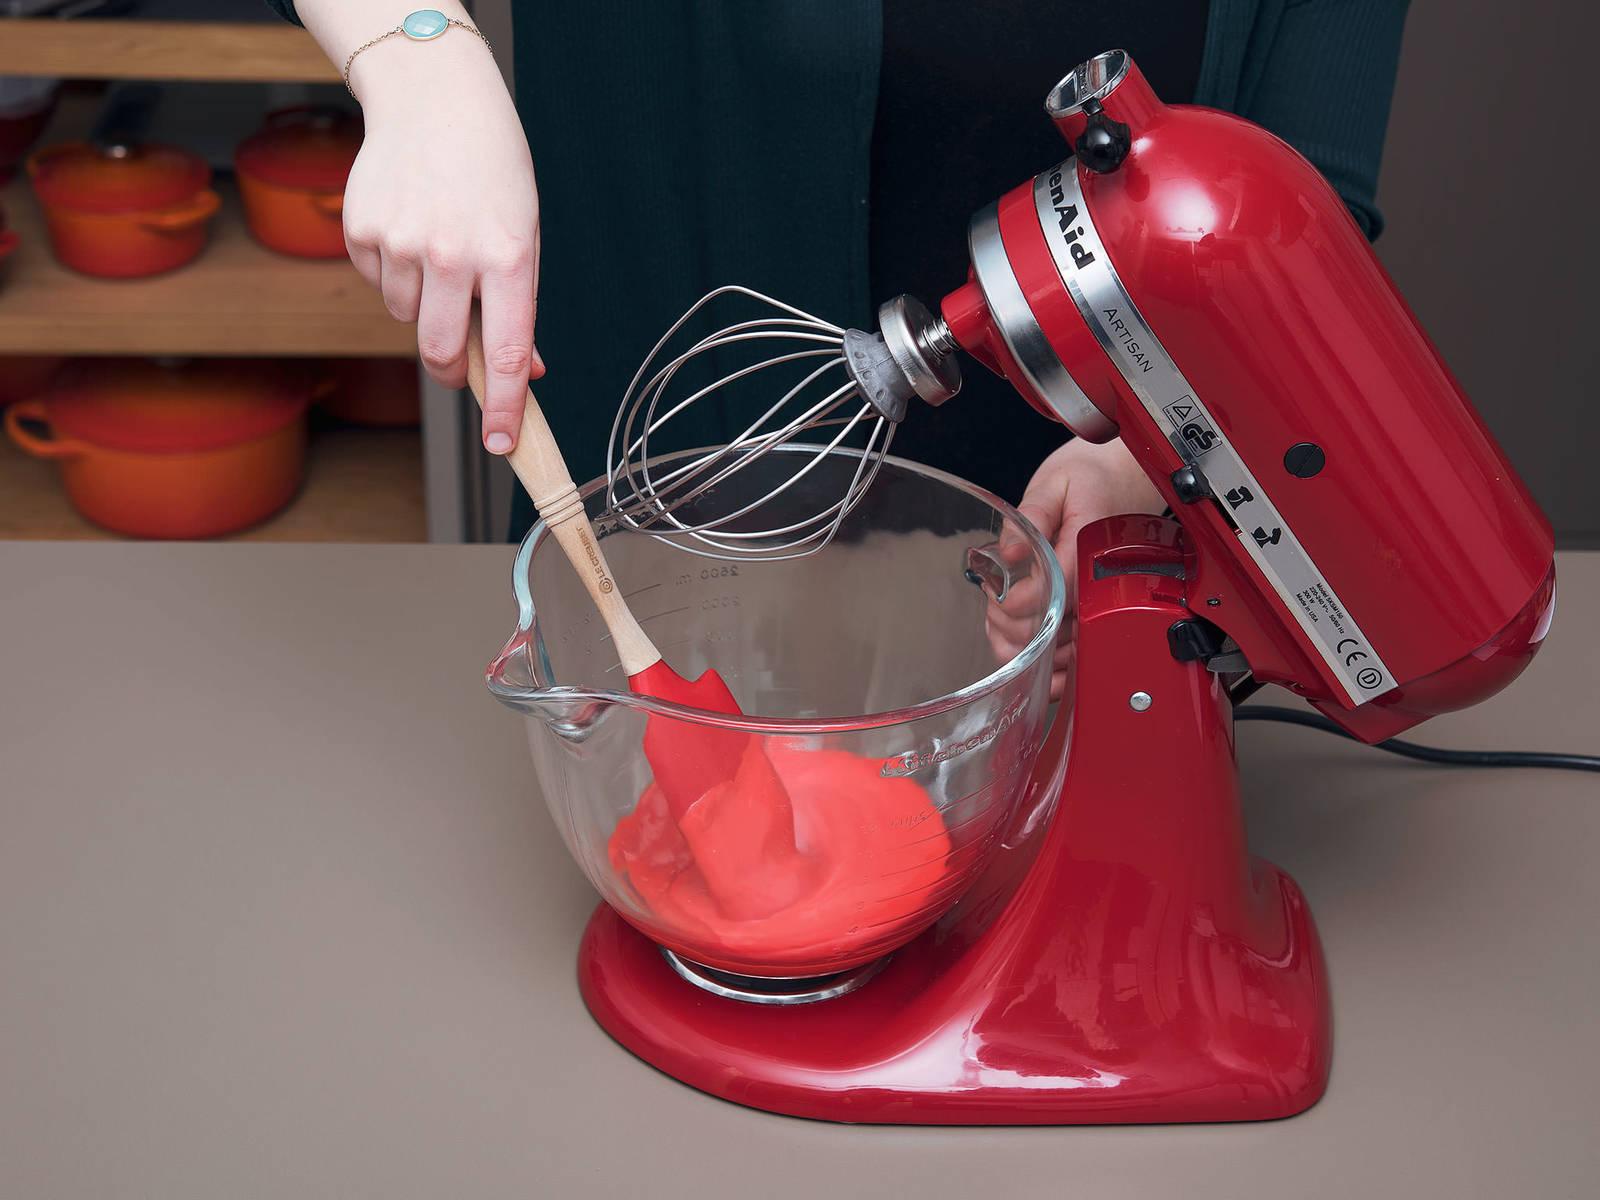 Für den Ketchup, Frischkäse und Butter in der Küchenmaschine für ca. 1 Min. bei mittlerer Geschwindigkeit aufschlagen, bis eine fluffige Masse entsteht. Vanilleextrakt hinzufügen und für eine weitere Minute aufschlagen. Nach und nach den Puderzucker und die rote Lebensmittelfarbe dazugeben und solange verrühren, bis das Frosting cremig und rot ist. Anschließend in einen vorbereiteten Spritzbeutel füllen und für ca. 10 Min. in den Kühlschrank legen.